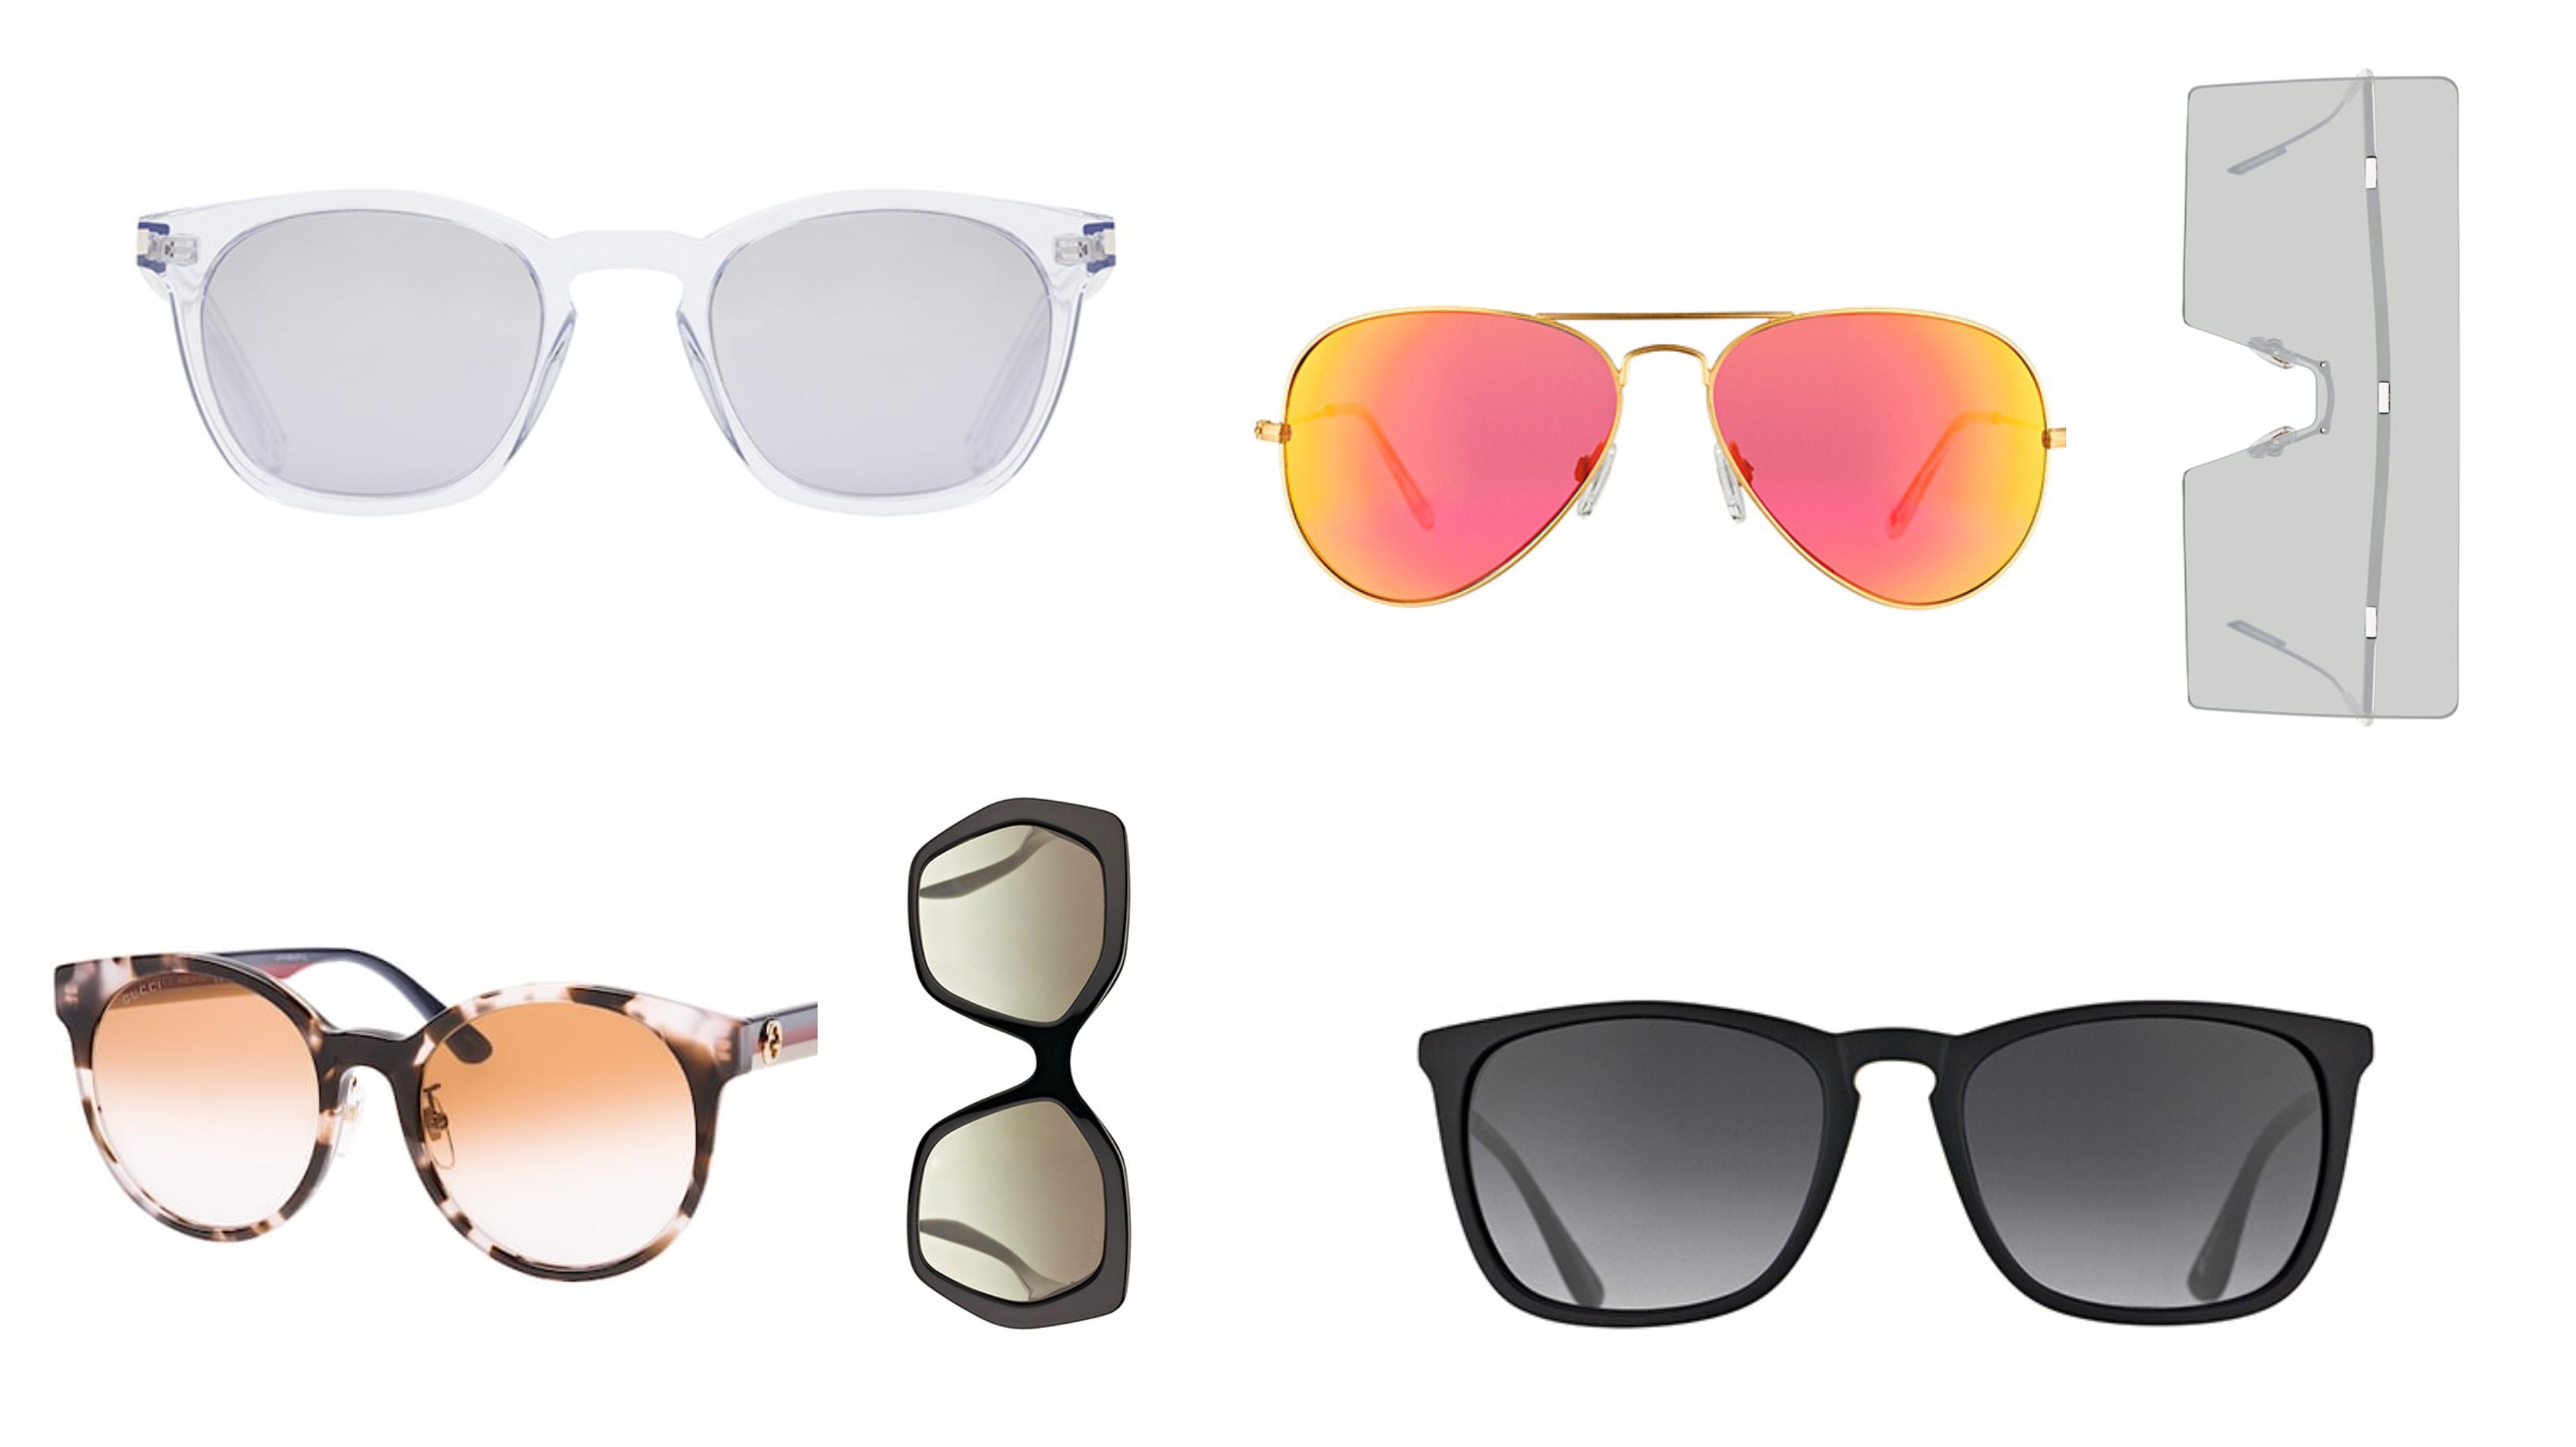 Fashion Inspiratie 12 x de mooiste zonnebrillen trends 2019 - brillen collage 1